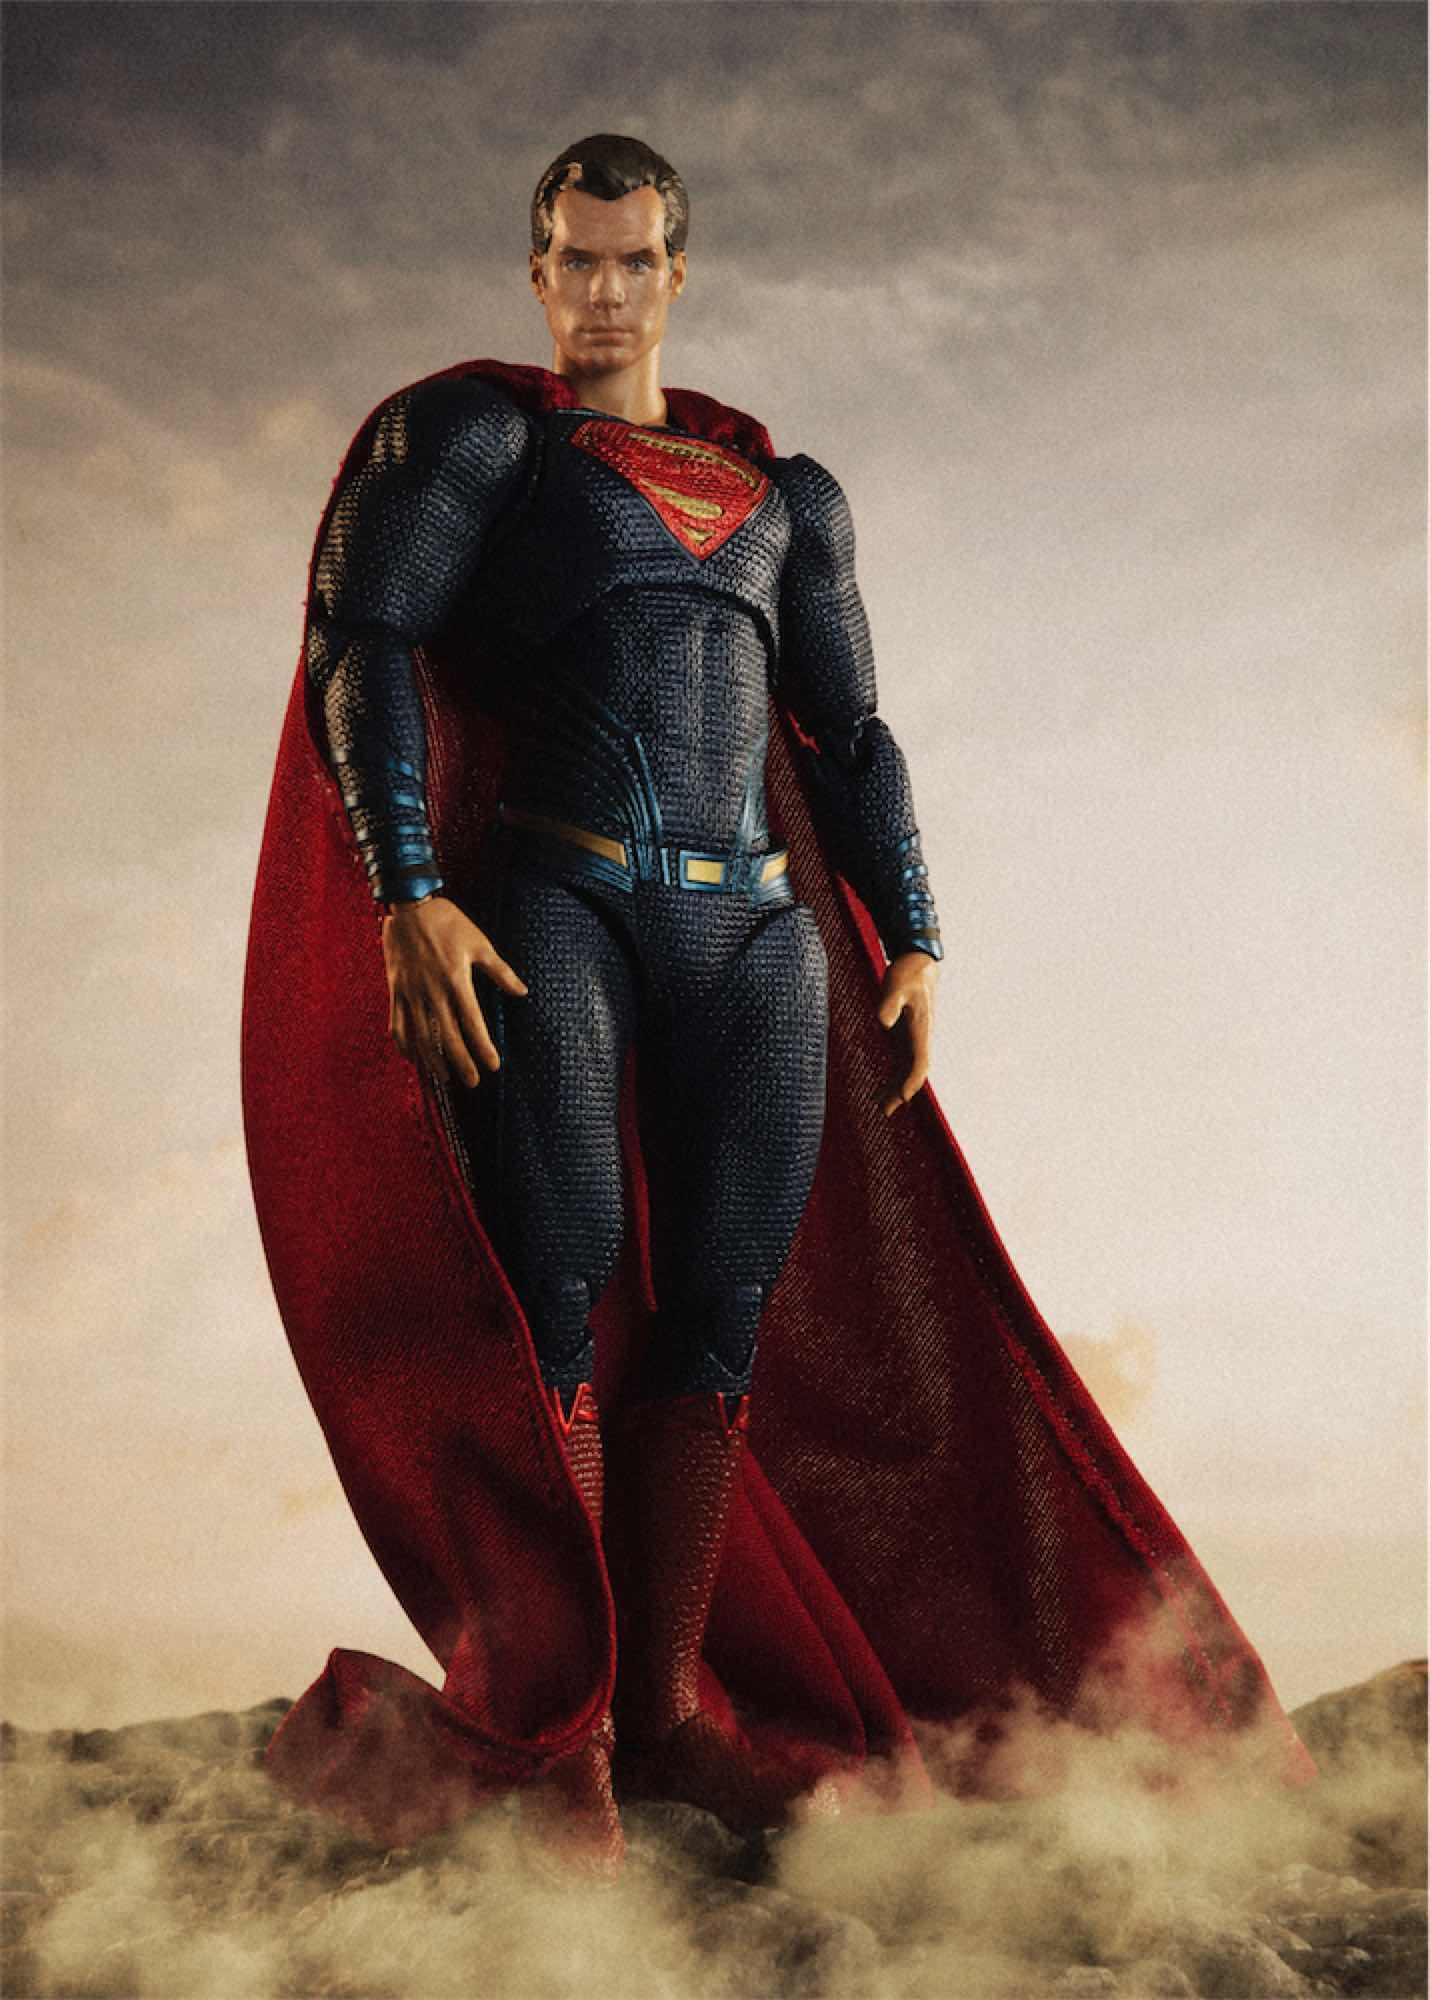 SUPERMAN JUSTICE LEAGUE FIGURA 16 CM JUSTICE LEAGUE S.H. FIGUARTS